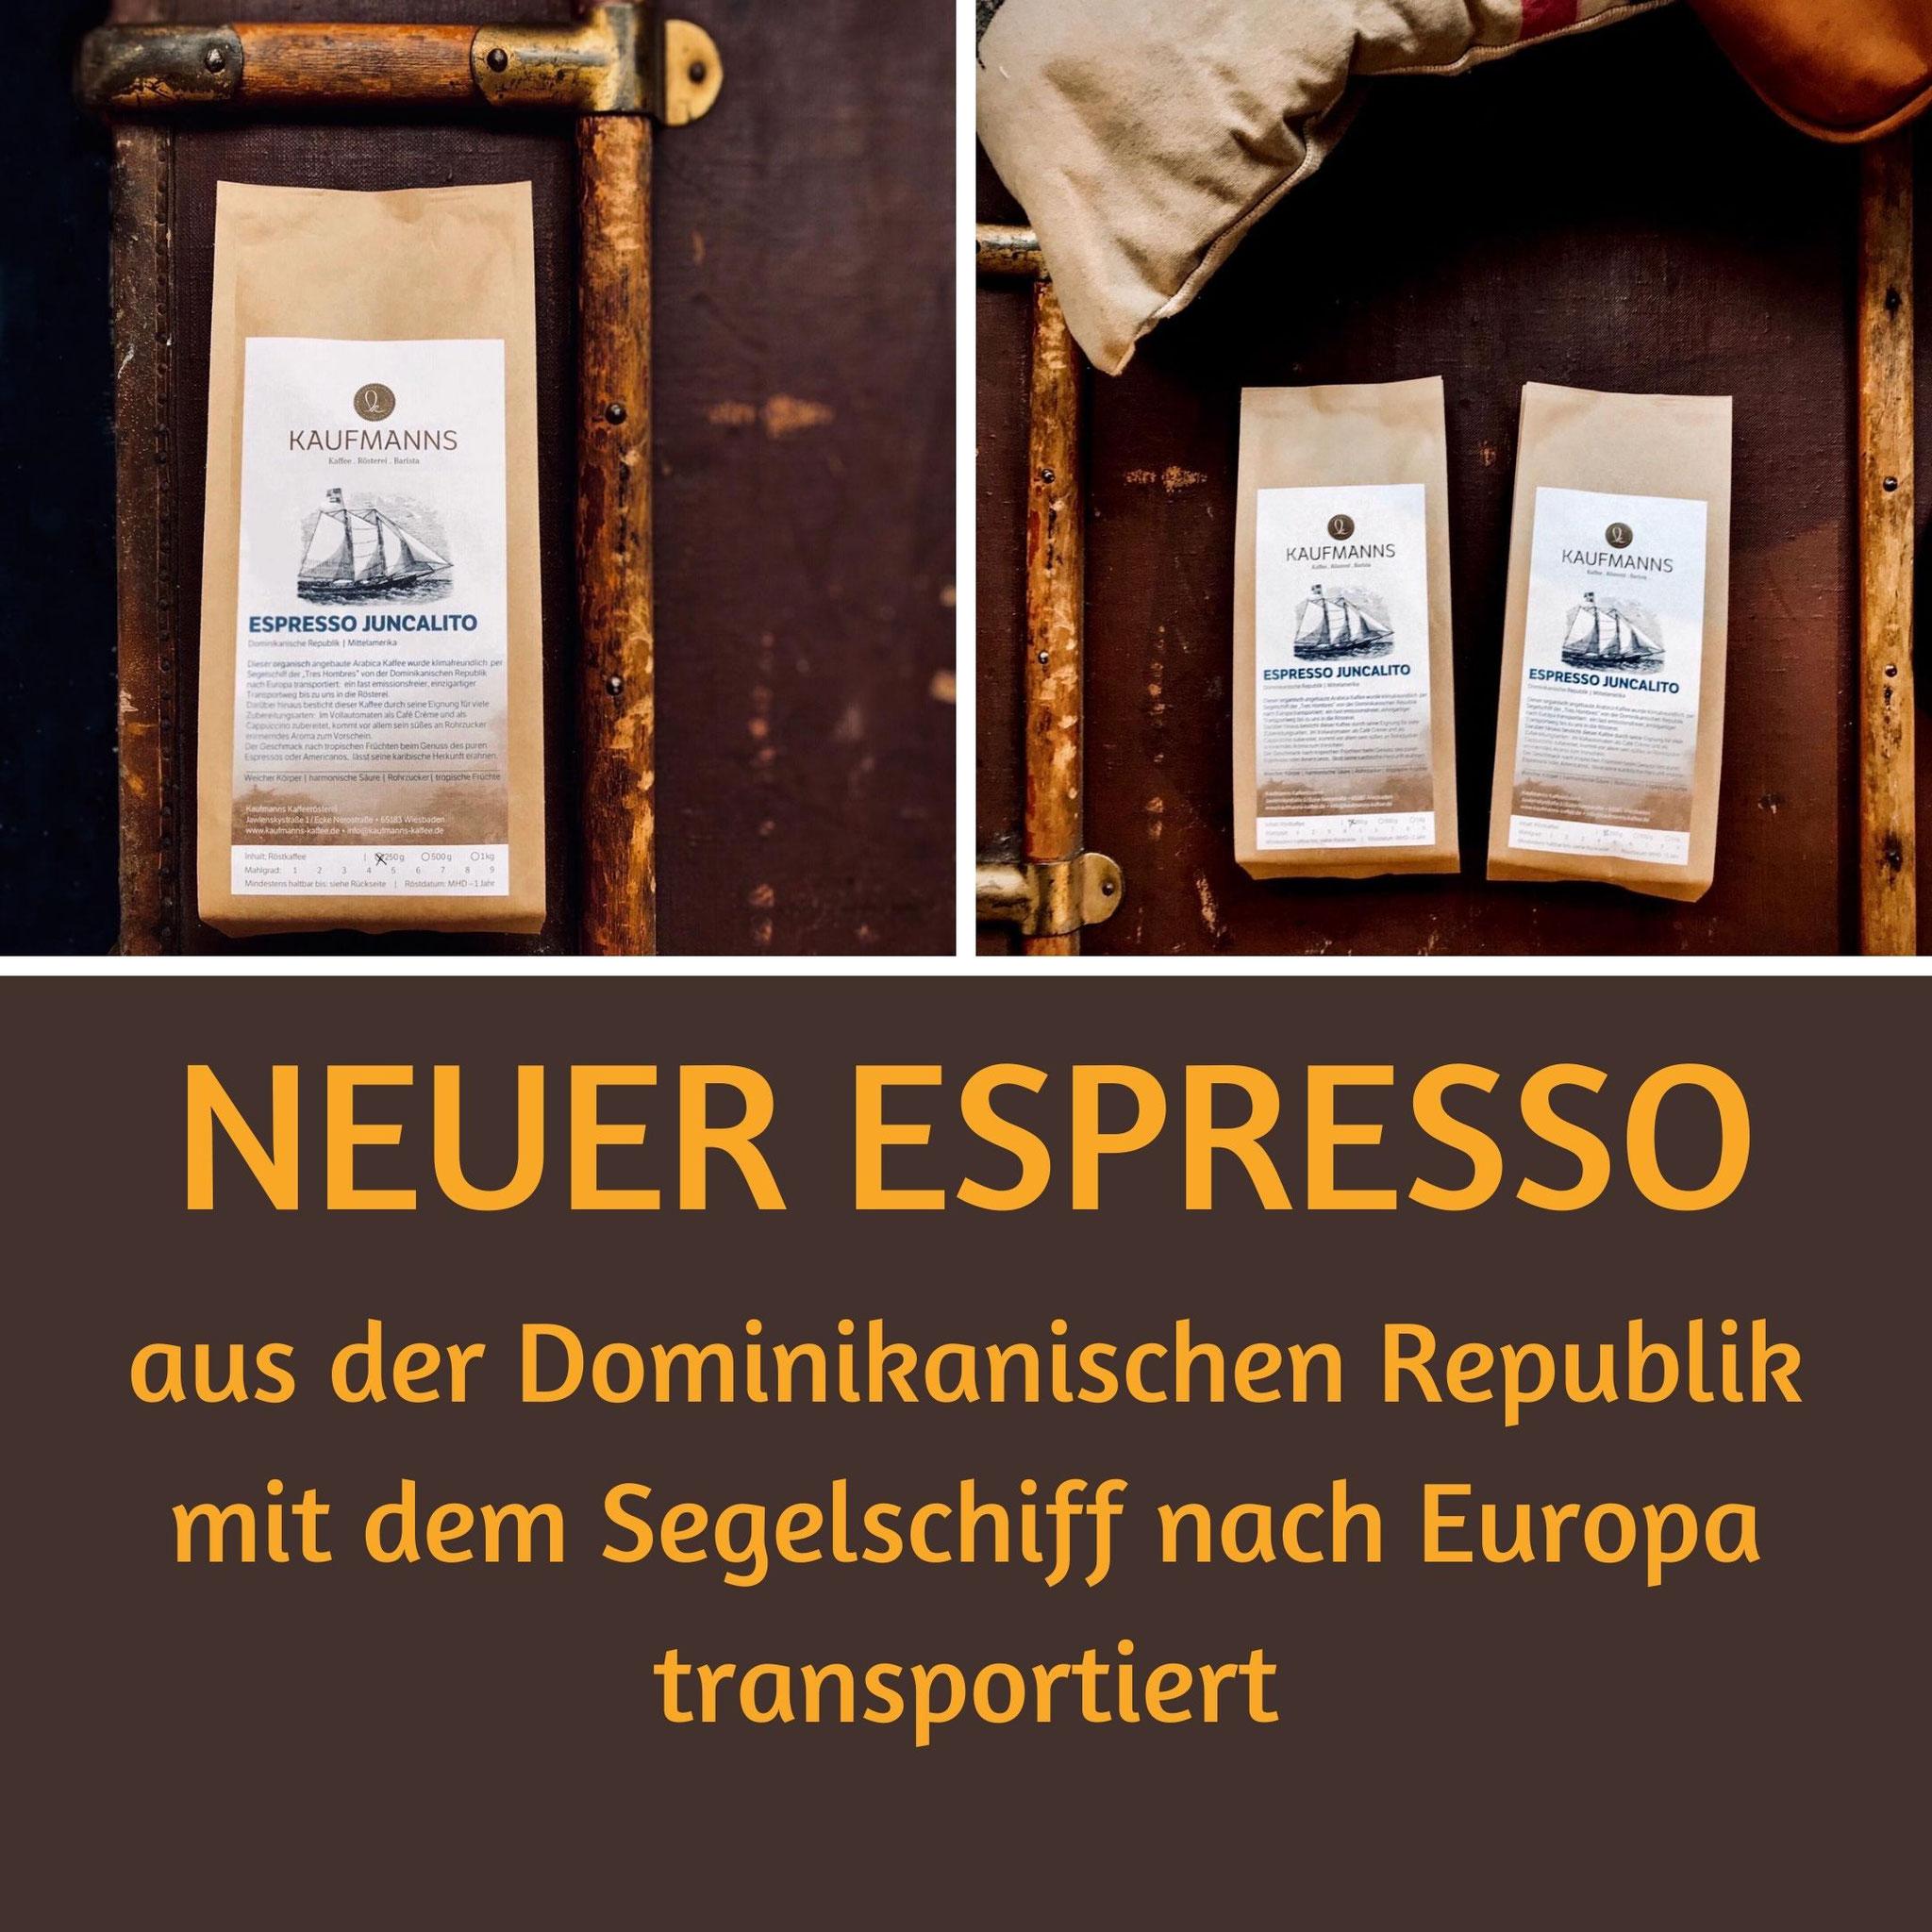 KAUFMANNS Espresso Juncalito aus der Dominikanischen Republik